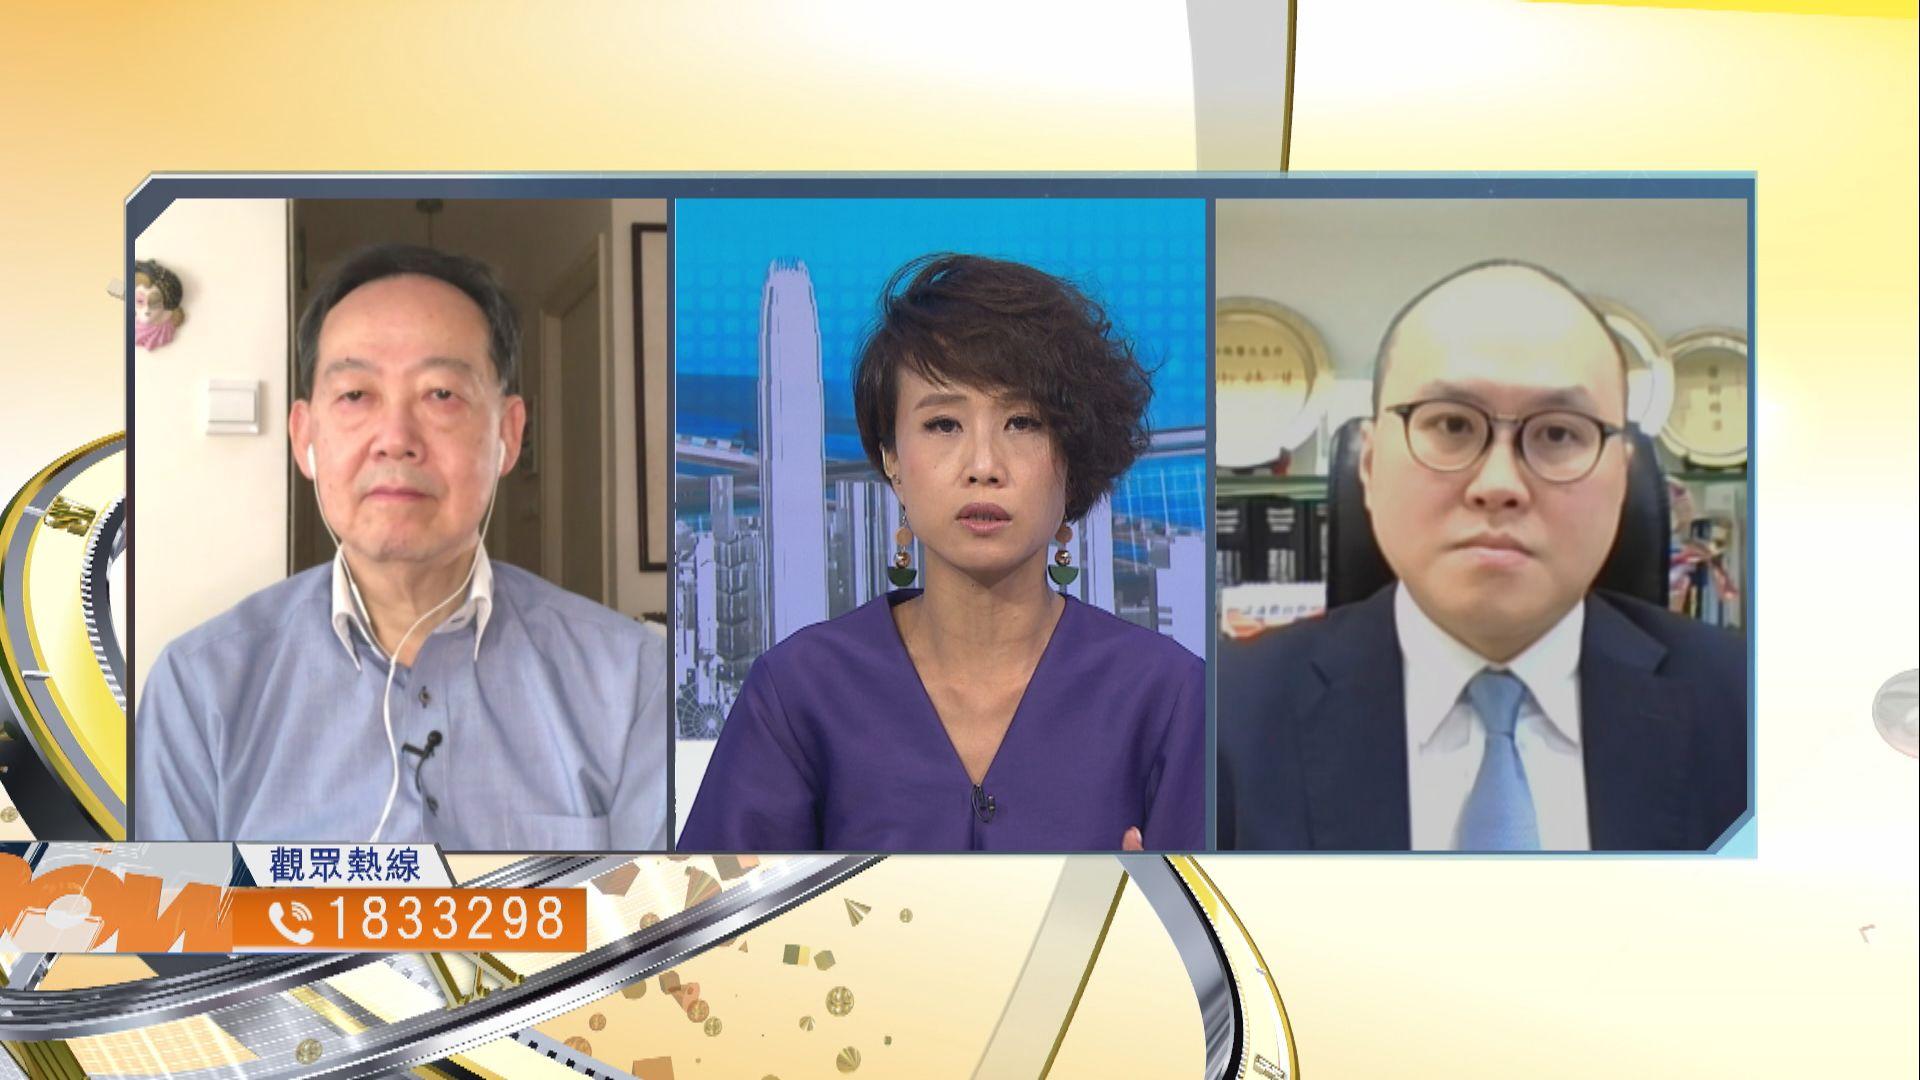 【時事全方位】本港是否需要推行病毒全民檢測?(一)